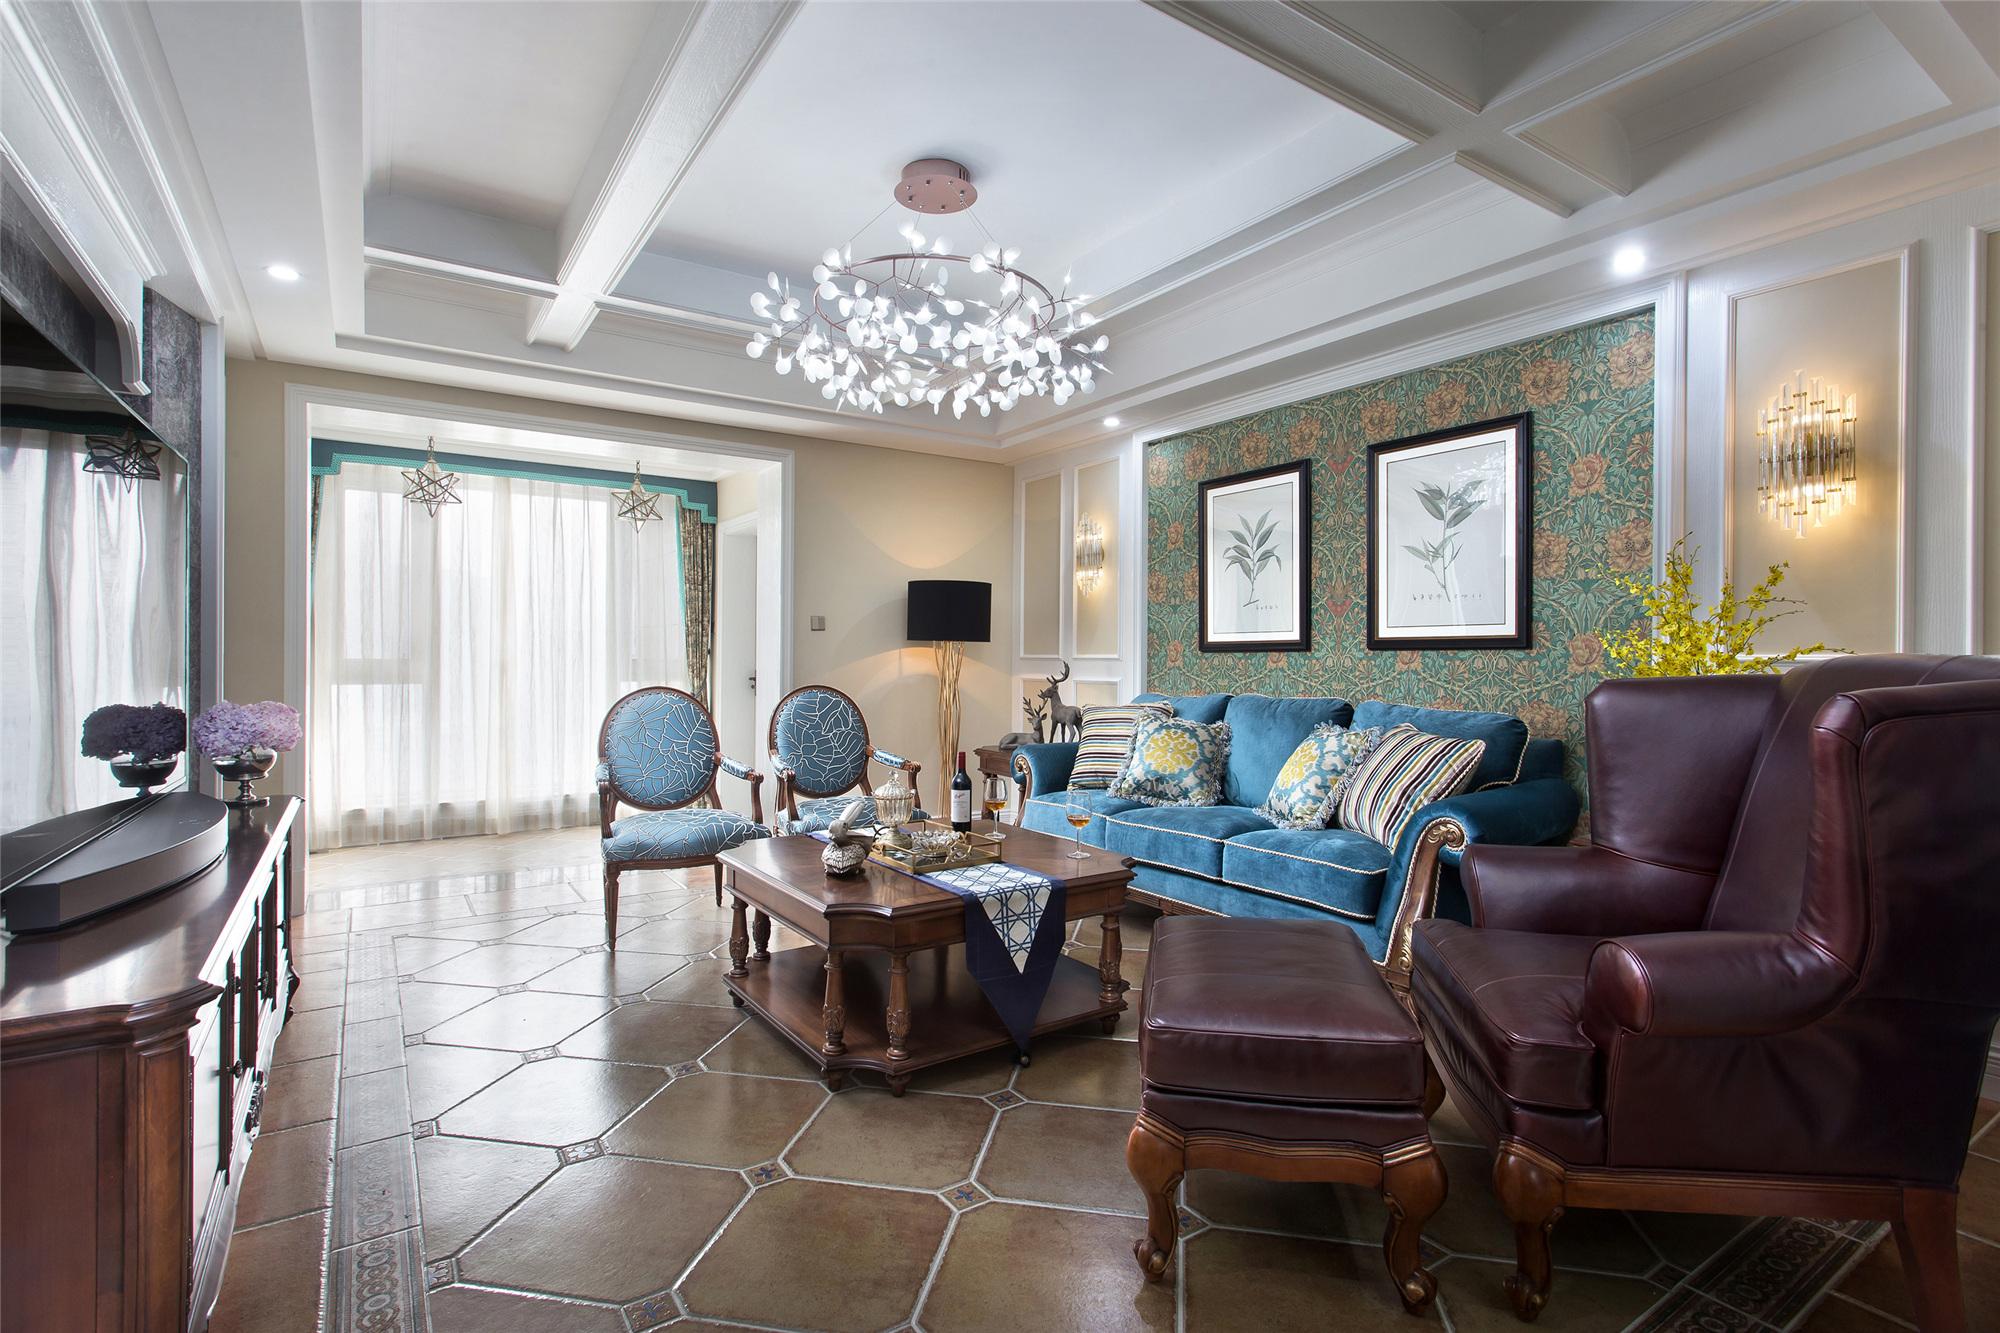 180㎡美式装修客厅顶面造型设计